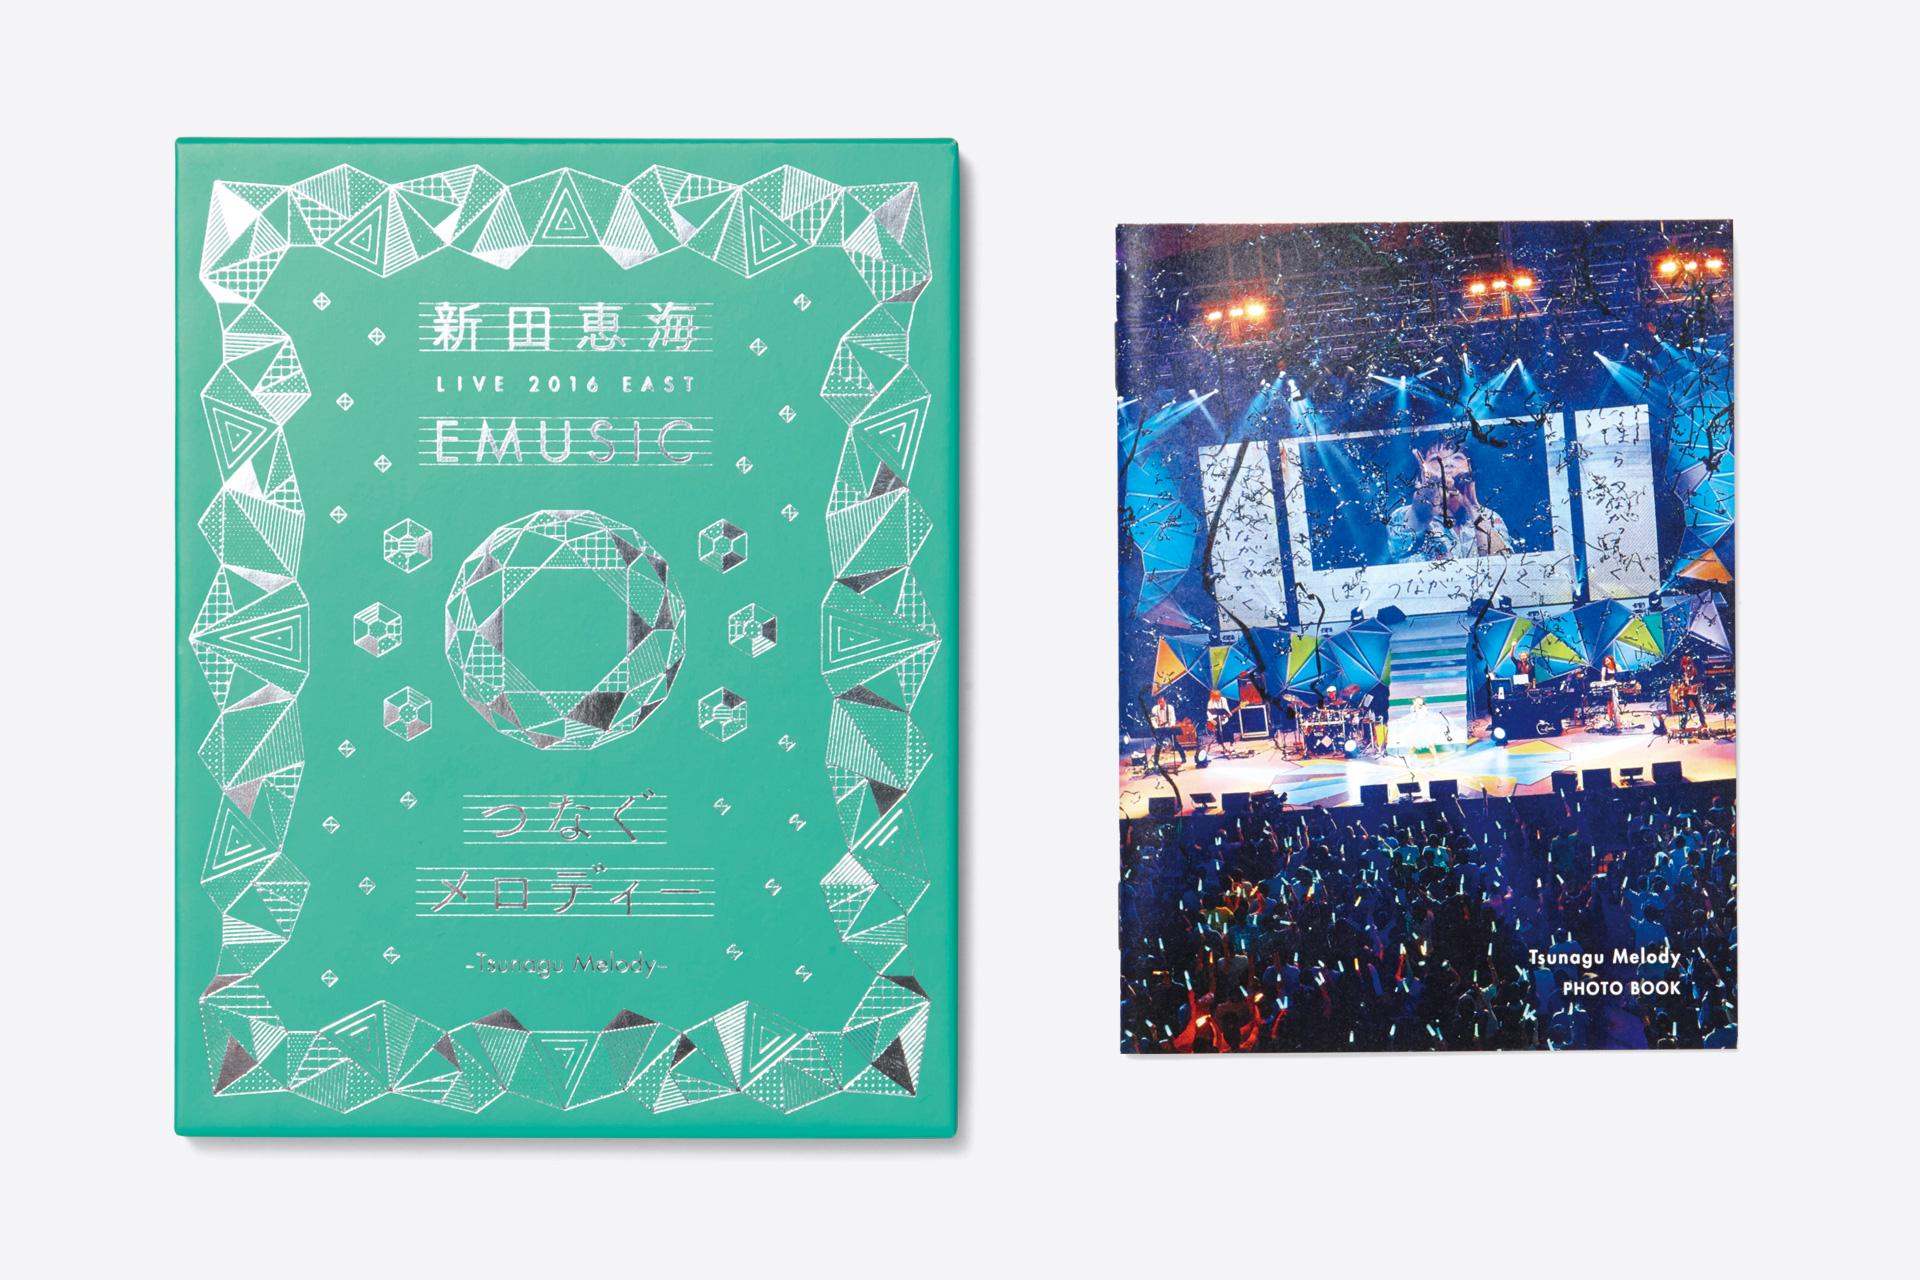 新田恵海 LIVE 2016 EAST EMUSIC〜つなぐメロディー〜/ 新田恵海